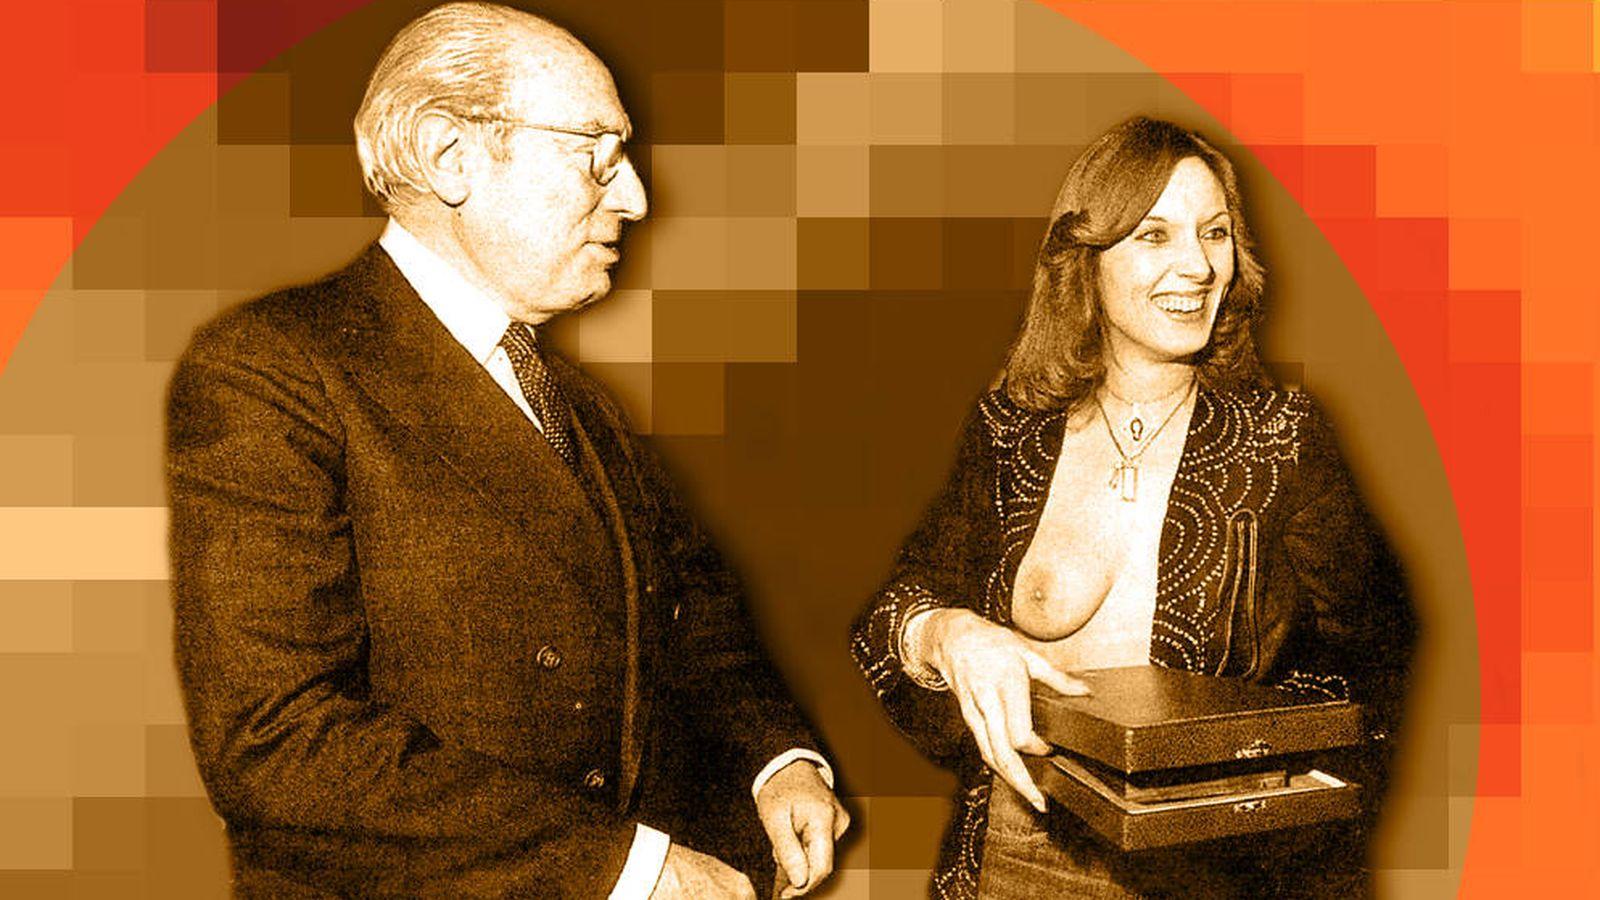 Foto: Tierno Galván y Susana Estrada, duelo de titanes (montaje: Carmen Castellón)